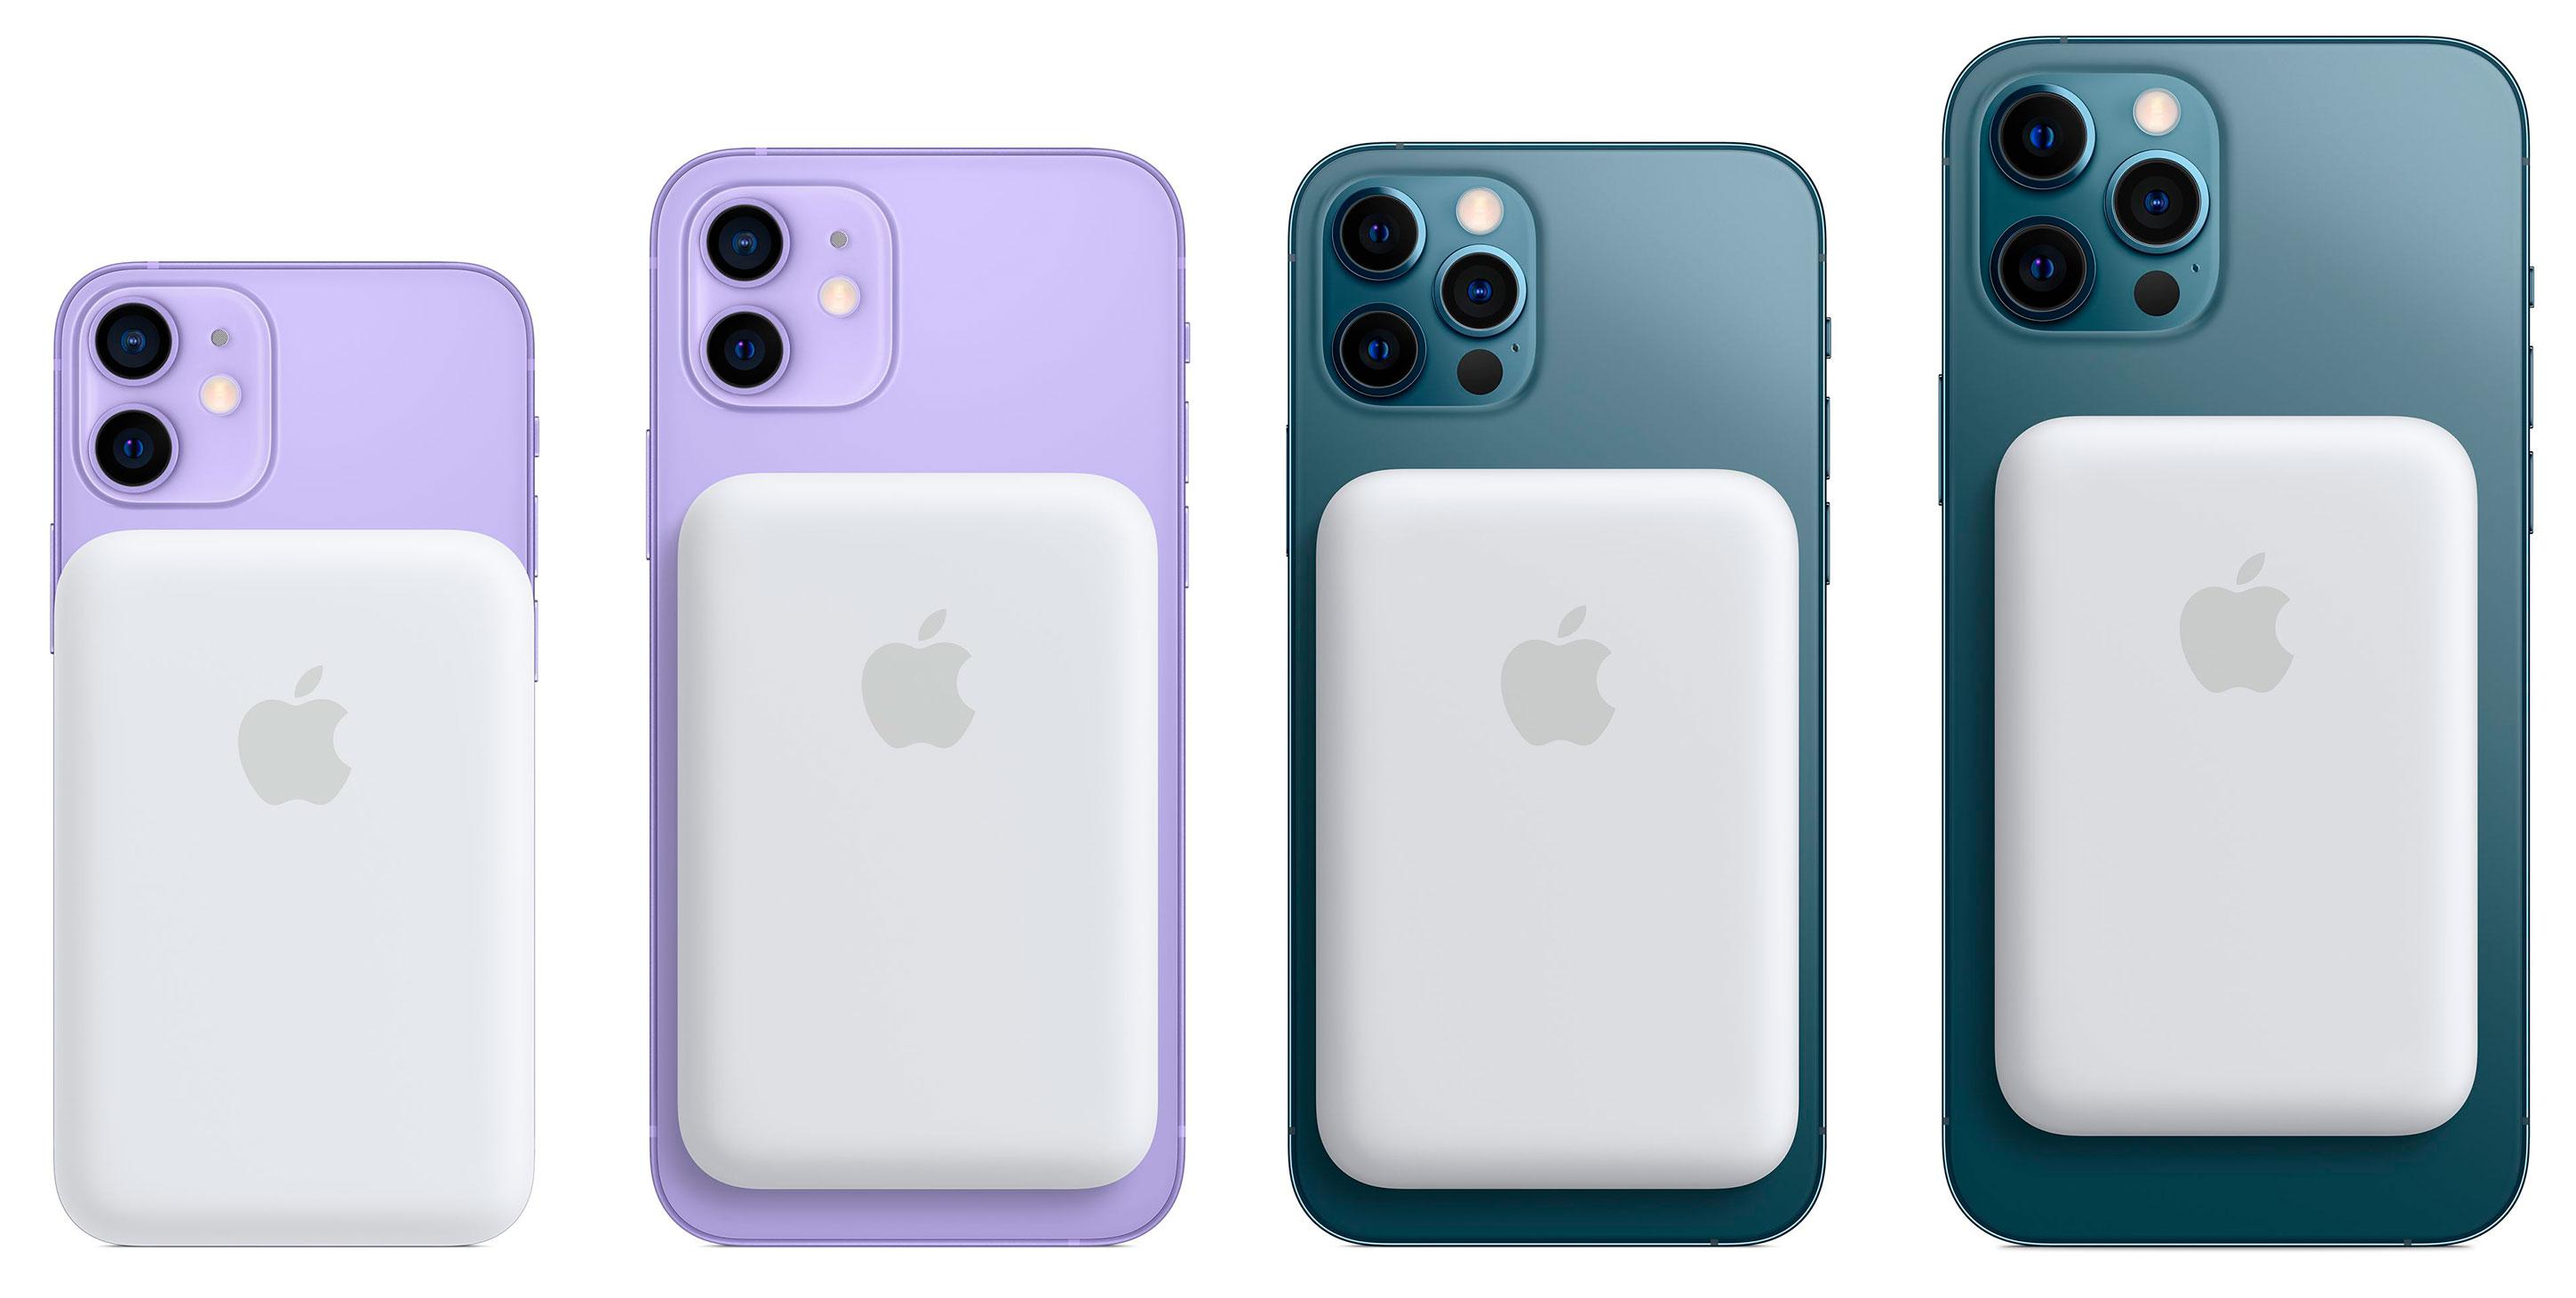 https://www.macfreak.nl/modules/news/images/zArt.iPhone12ModellenMagSafeBatteryPack.jpg